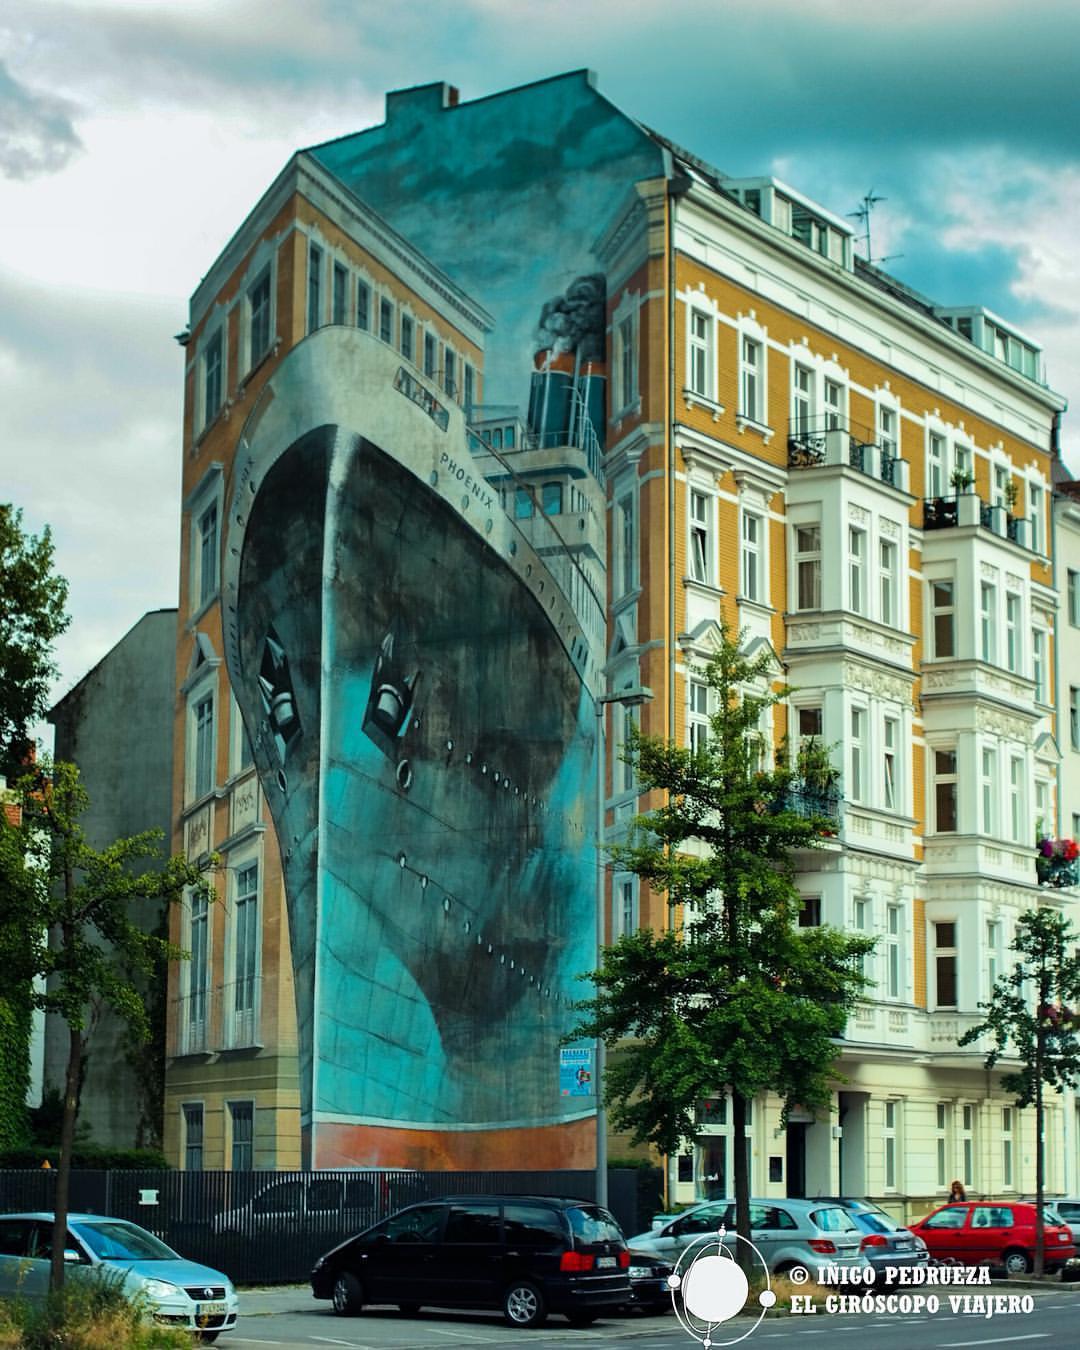 El arte inunda Berlín, desde lo pequeño hasta los inmensos graffiti en trompe-l'oeil como este junto a Charlottenburg. ©Iñigo Pedrueza.